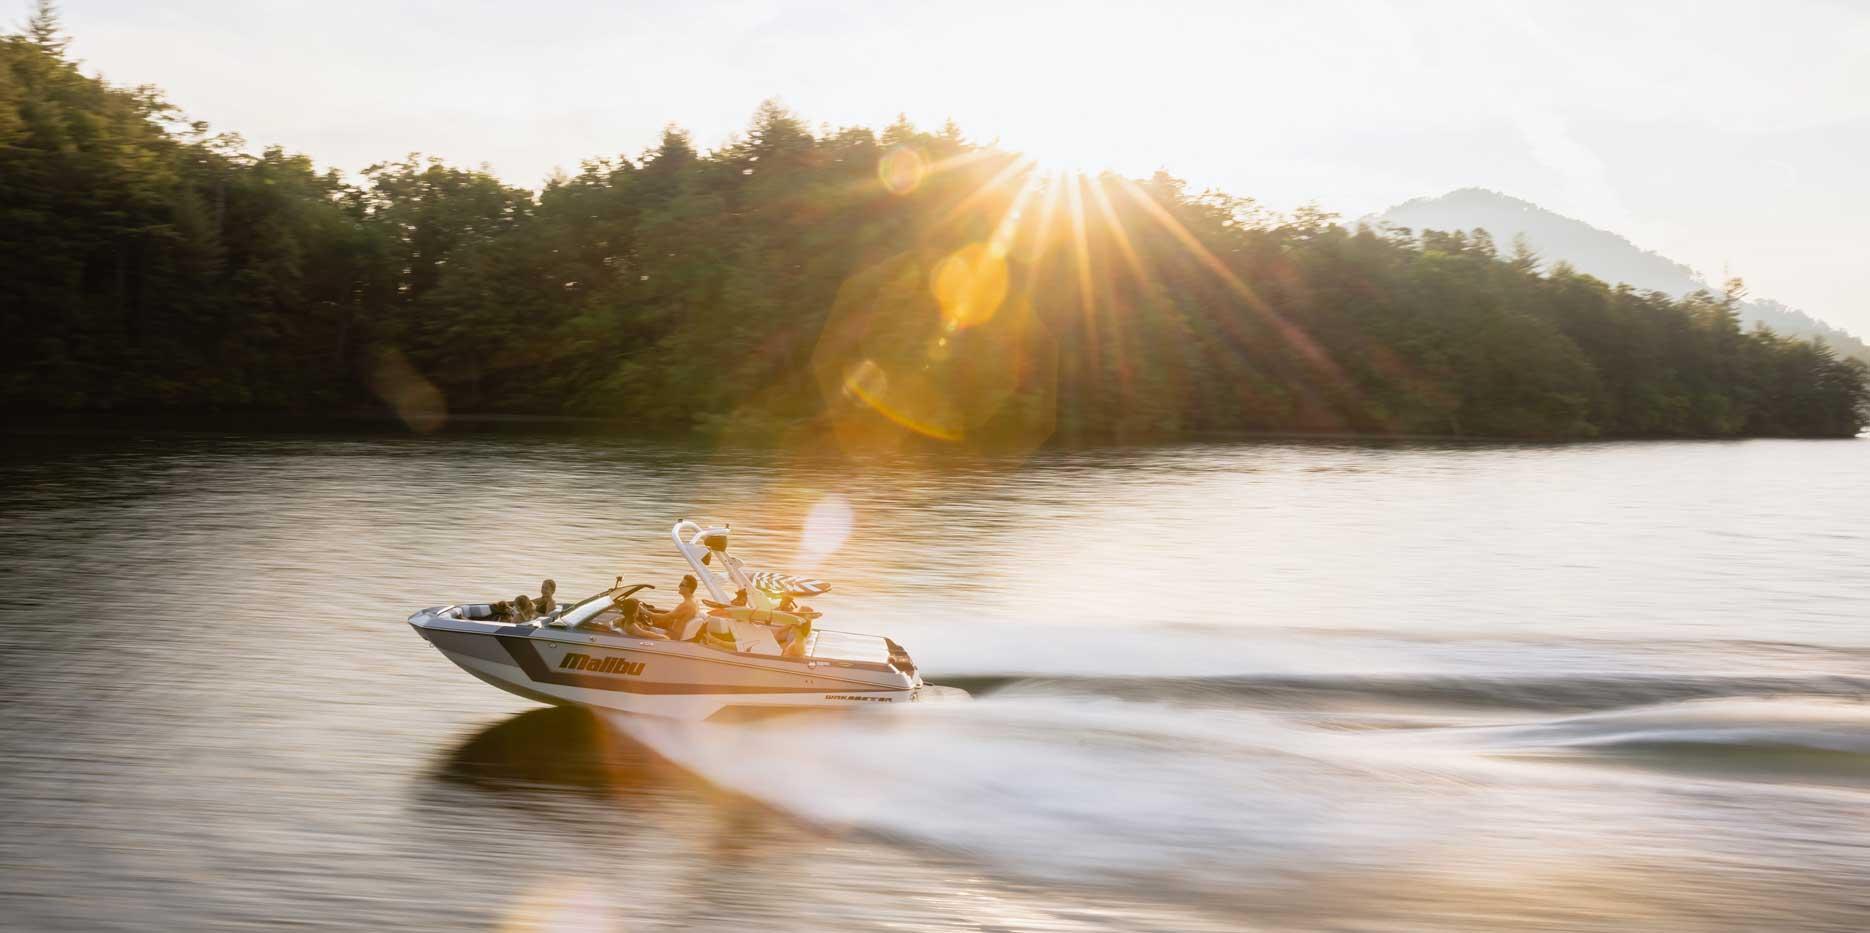 2022 Malibu Boats Wakesetter 21 LX Cruising